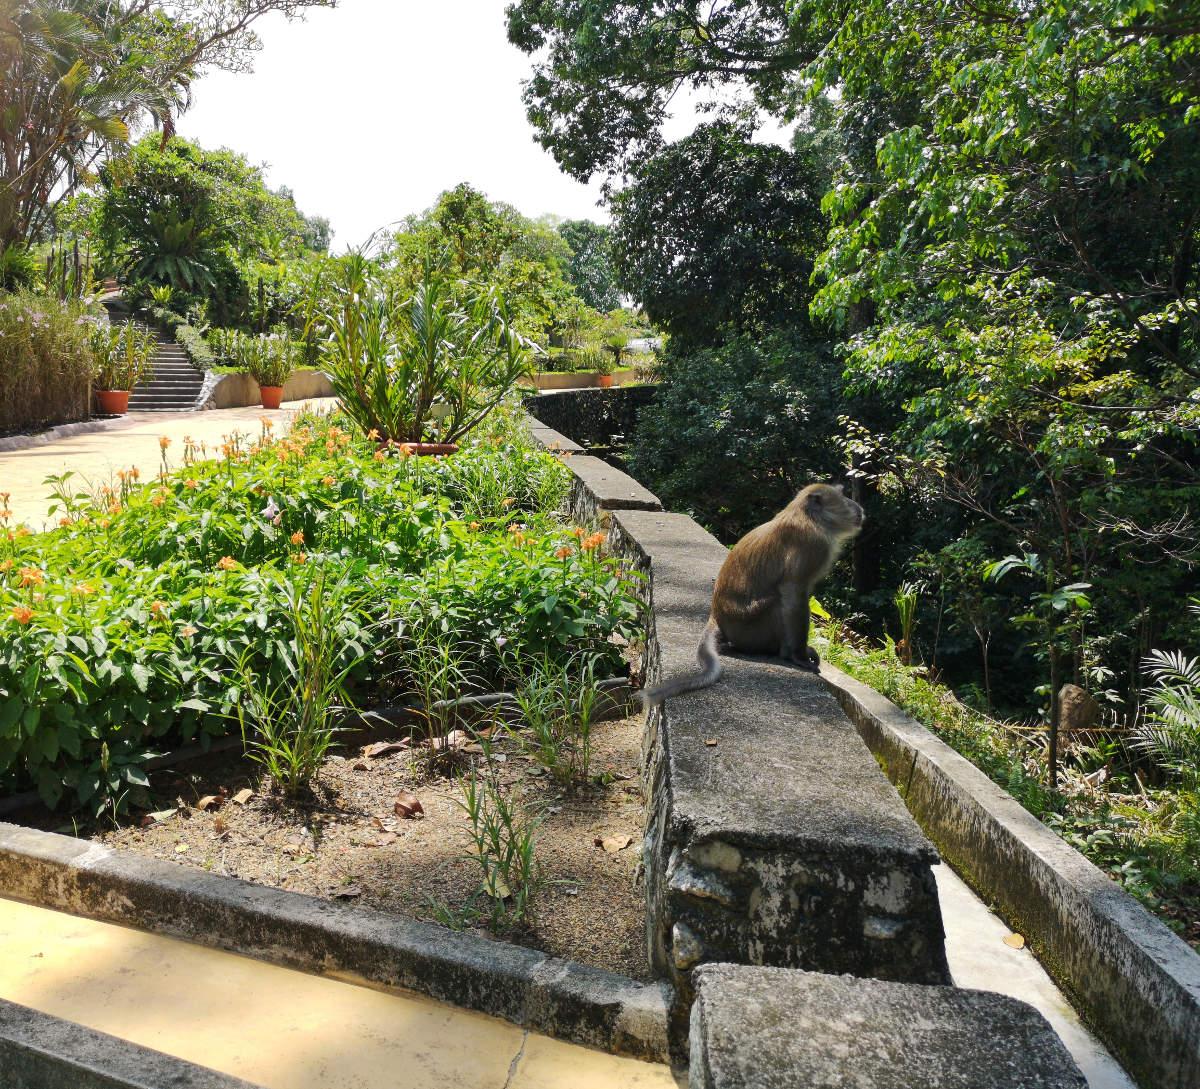 In den Perdana Lake Gardens oder im botanischen Garten im Tun Abdul Razak Heritage Park in Kuala Lumpur leben auch einige Javaner-Affen zur Freude der Besucher. Wanderhunger